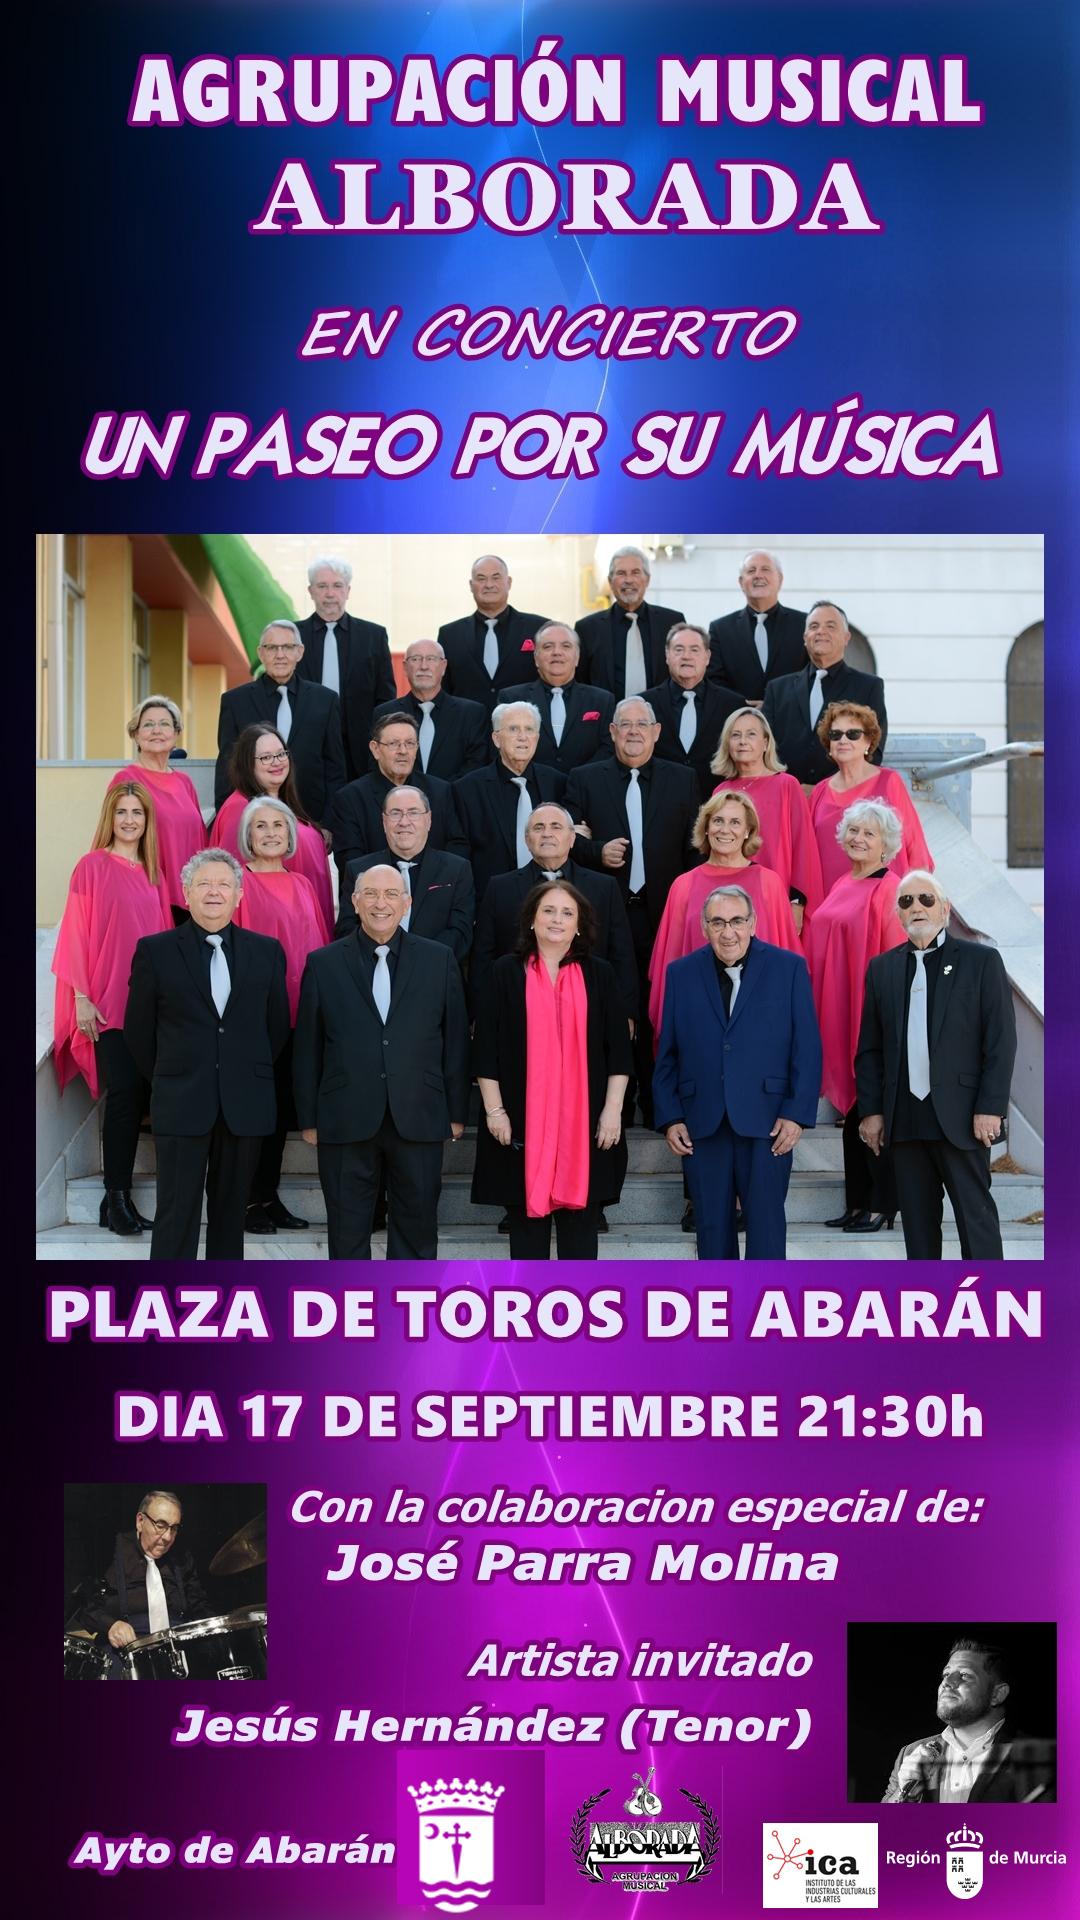 Agrupación Musical Alborada